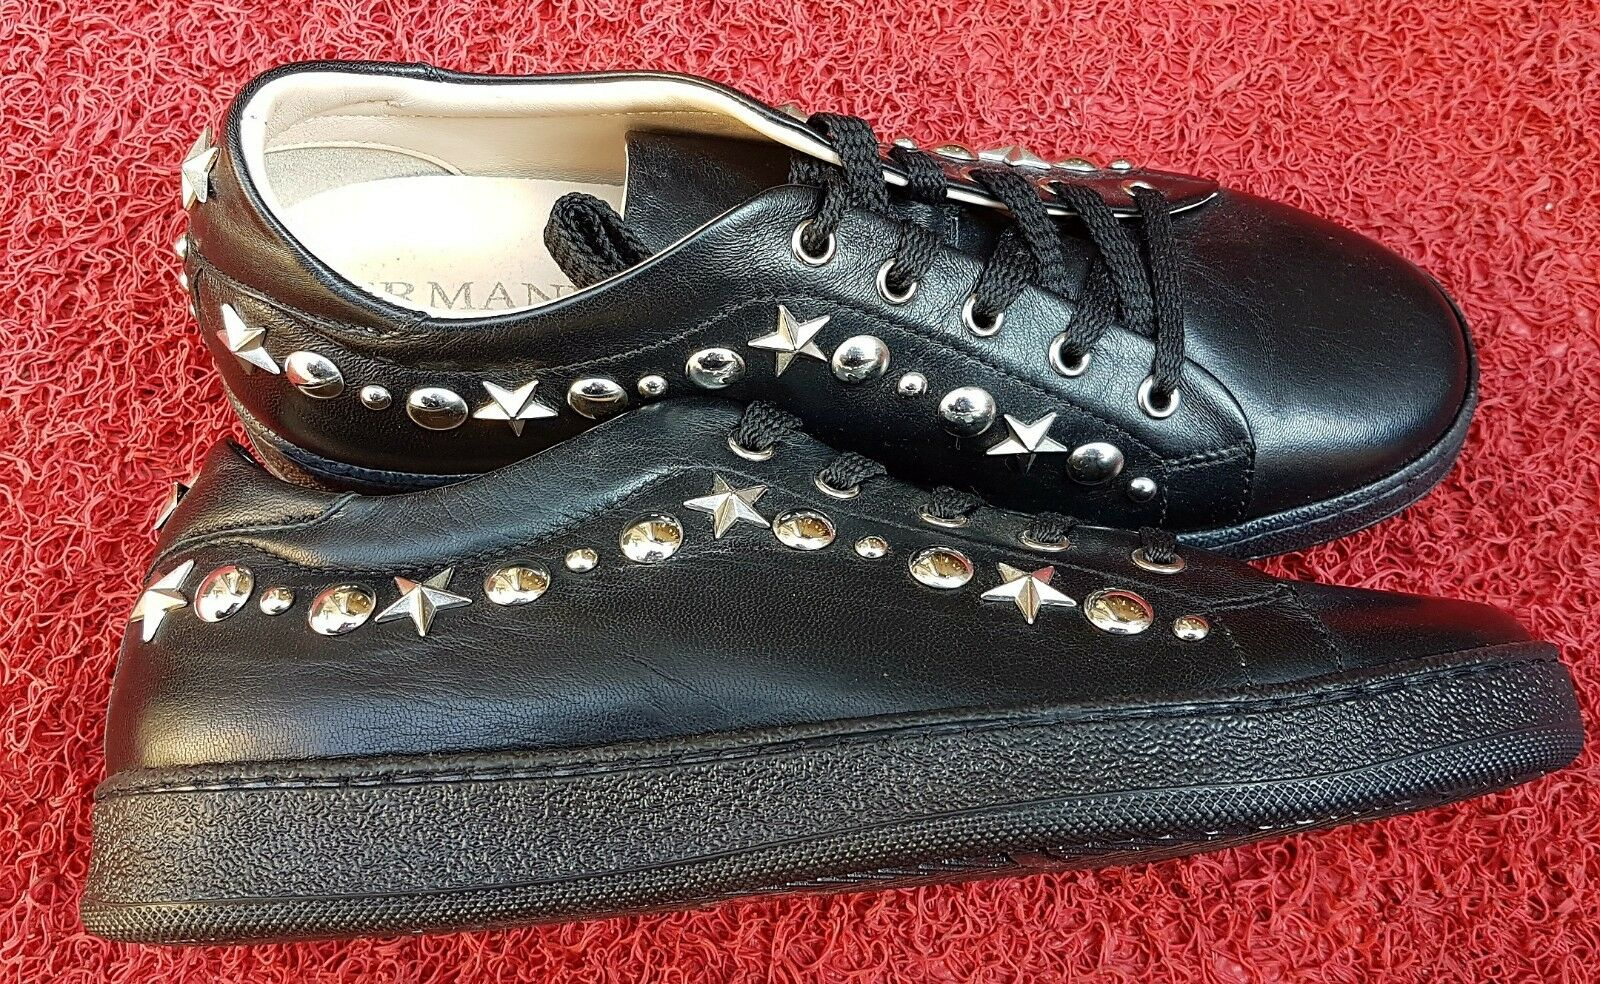 ERMANNO Scervino Damensneakers, schwarz, Karton Gr.37, Leder, neu im Karton schwarz, f48f16